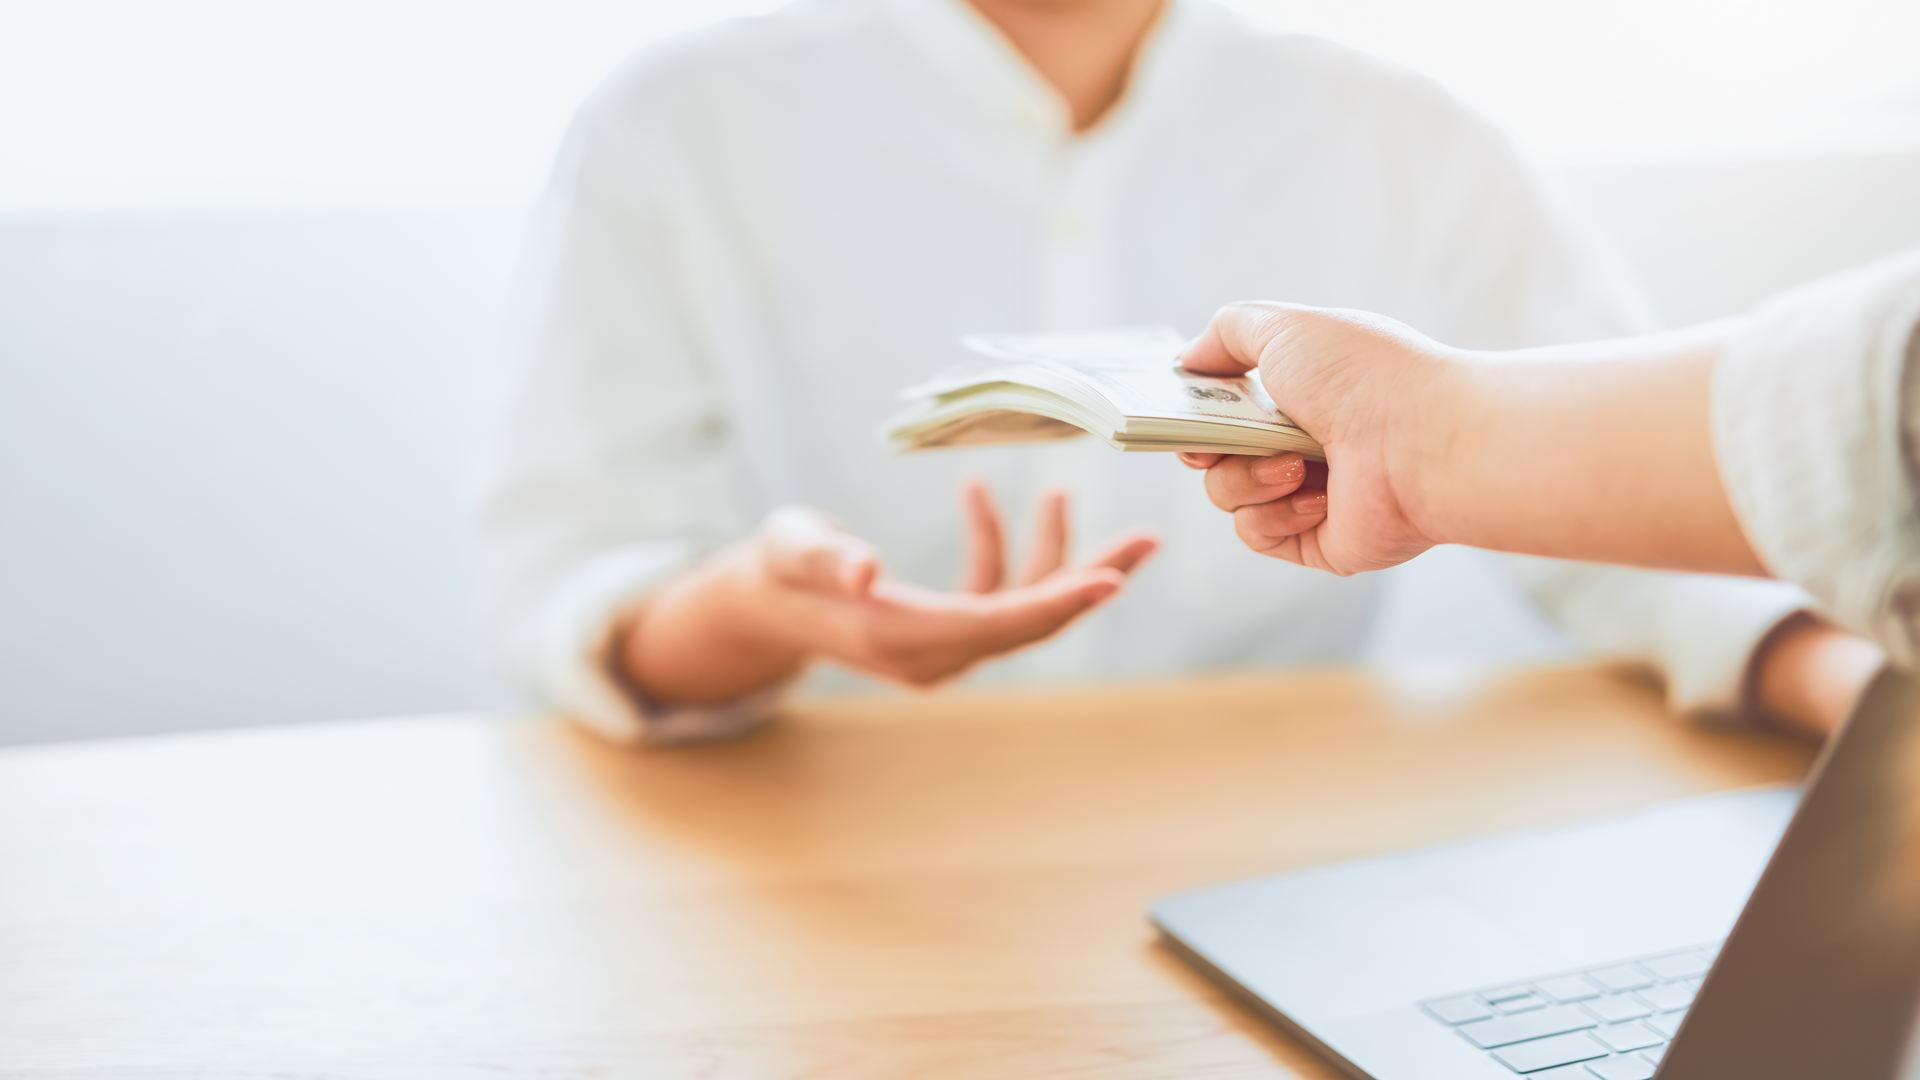 מעסיק משלם פיצויי פיטורין לעובד